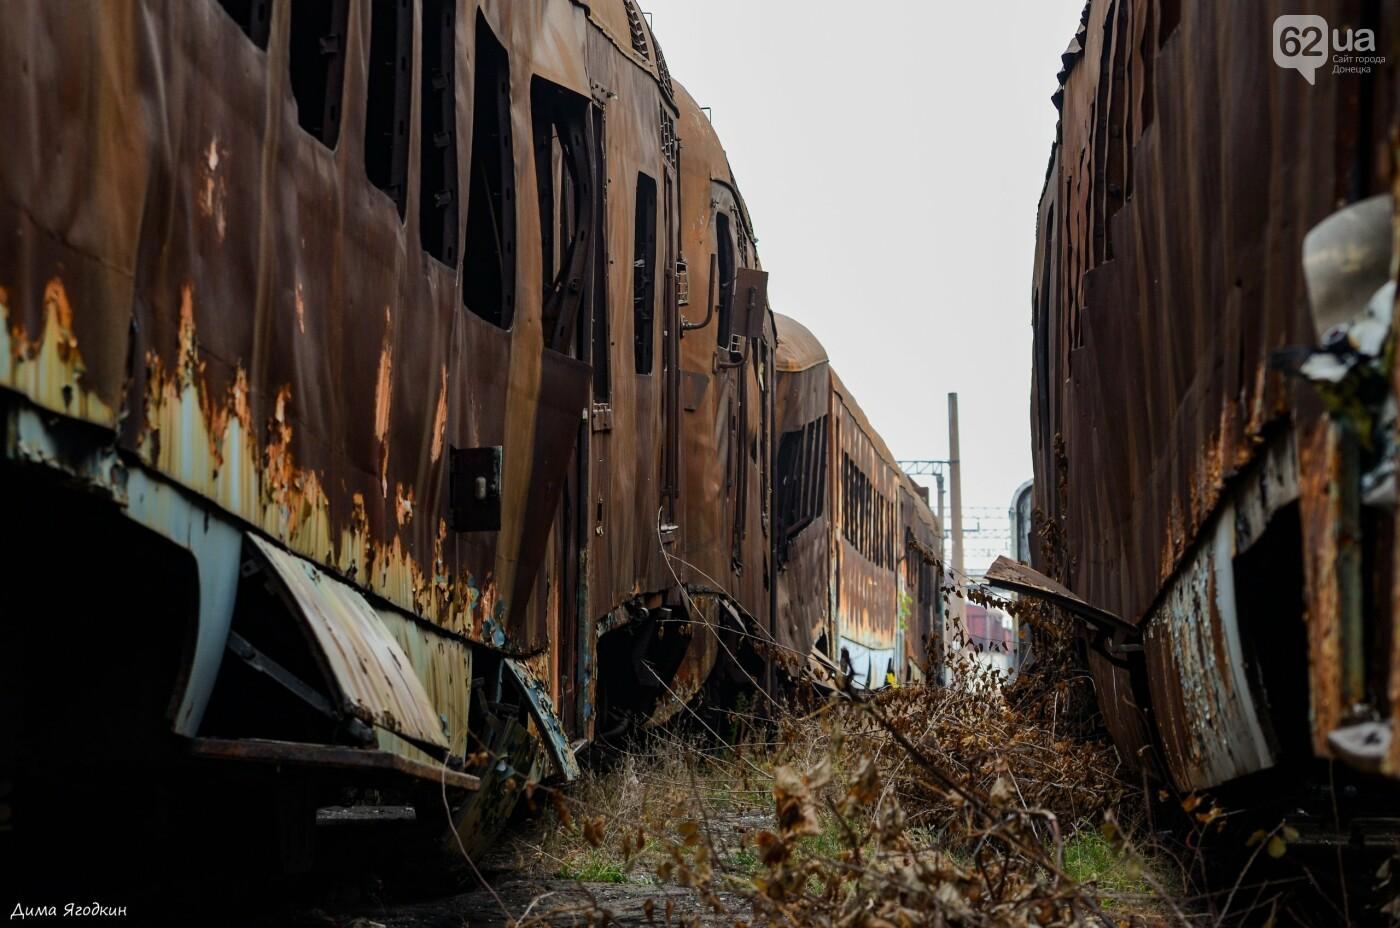 Кладбище поездов в «ДНР», - ФОТО, фото-1